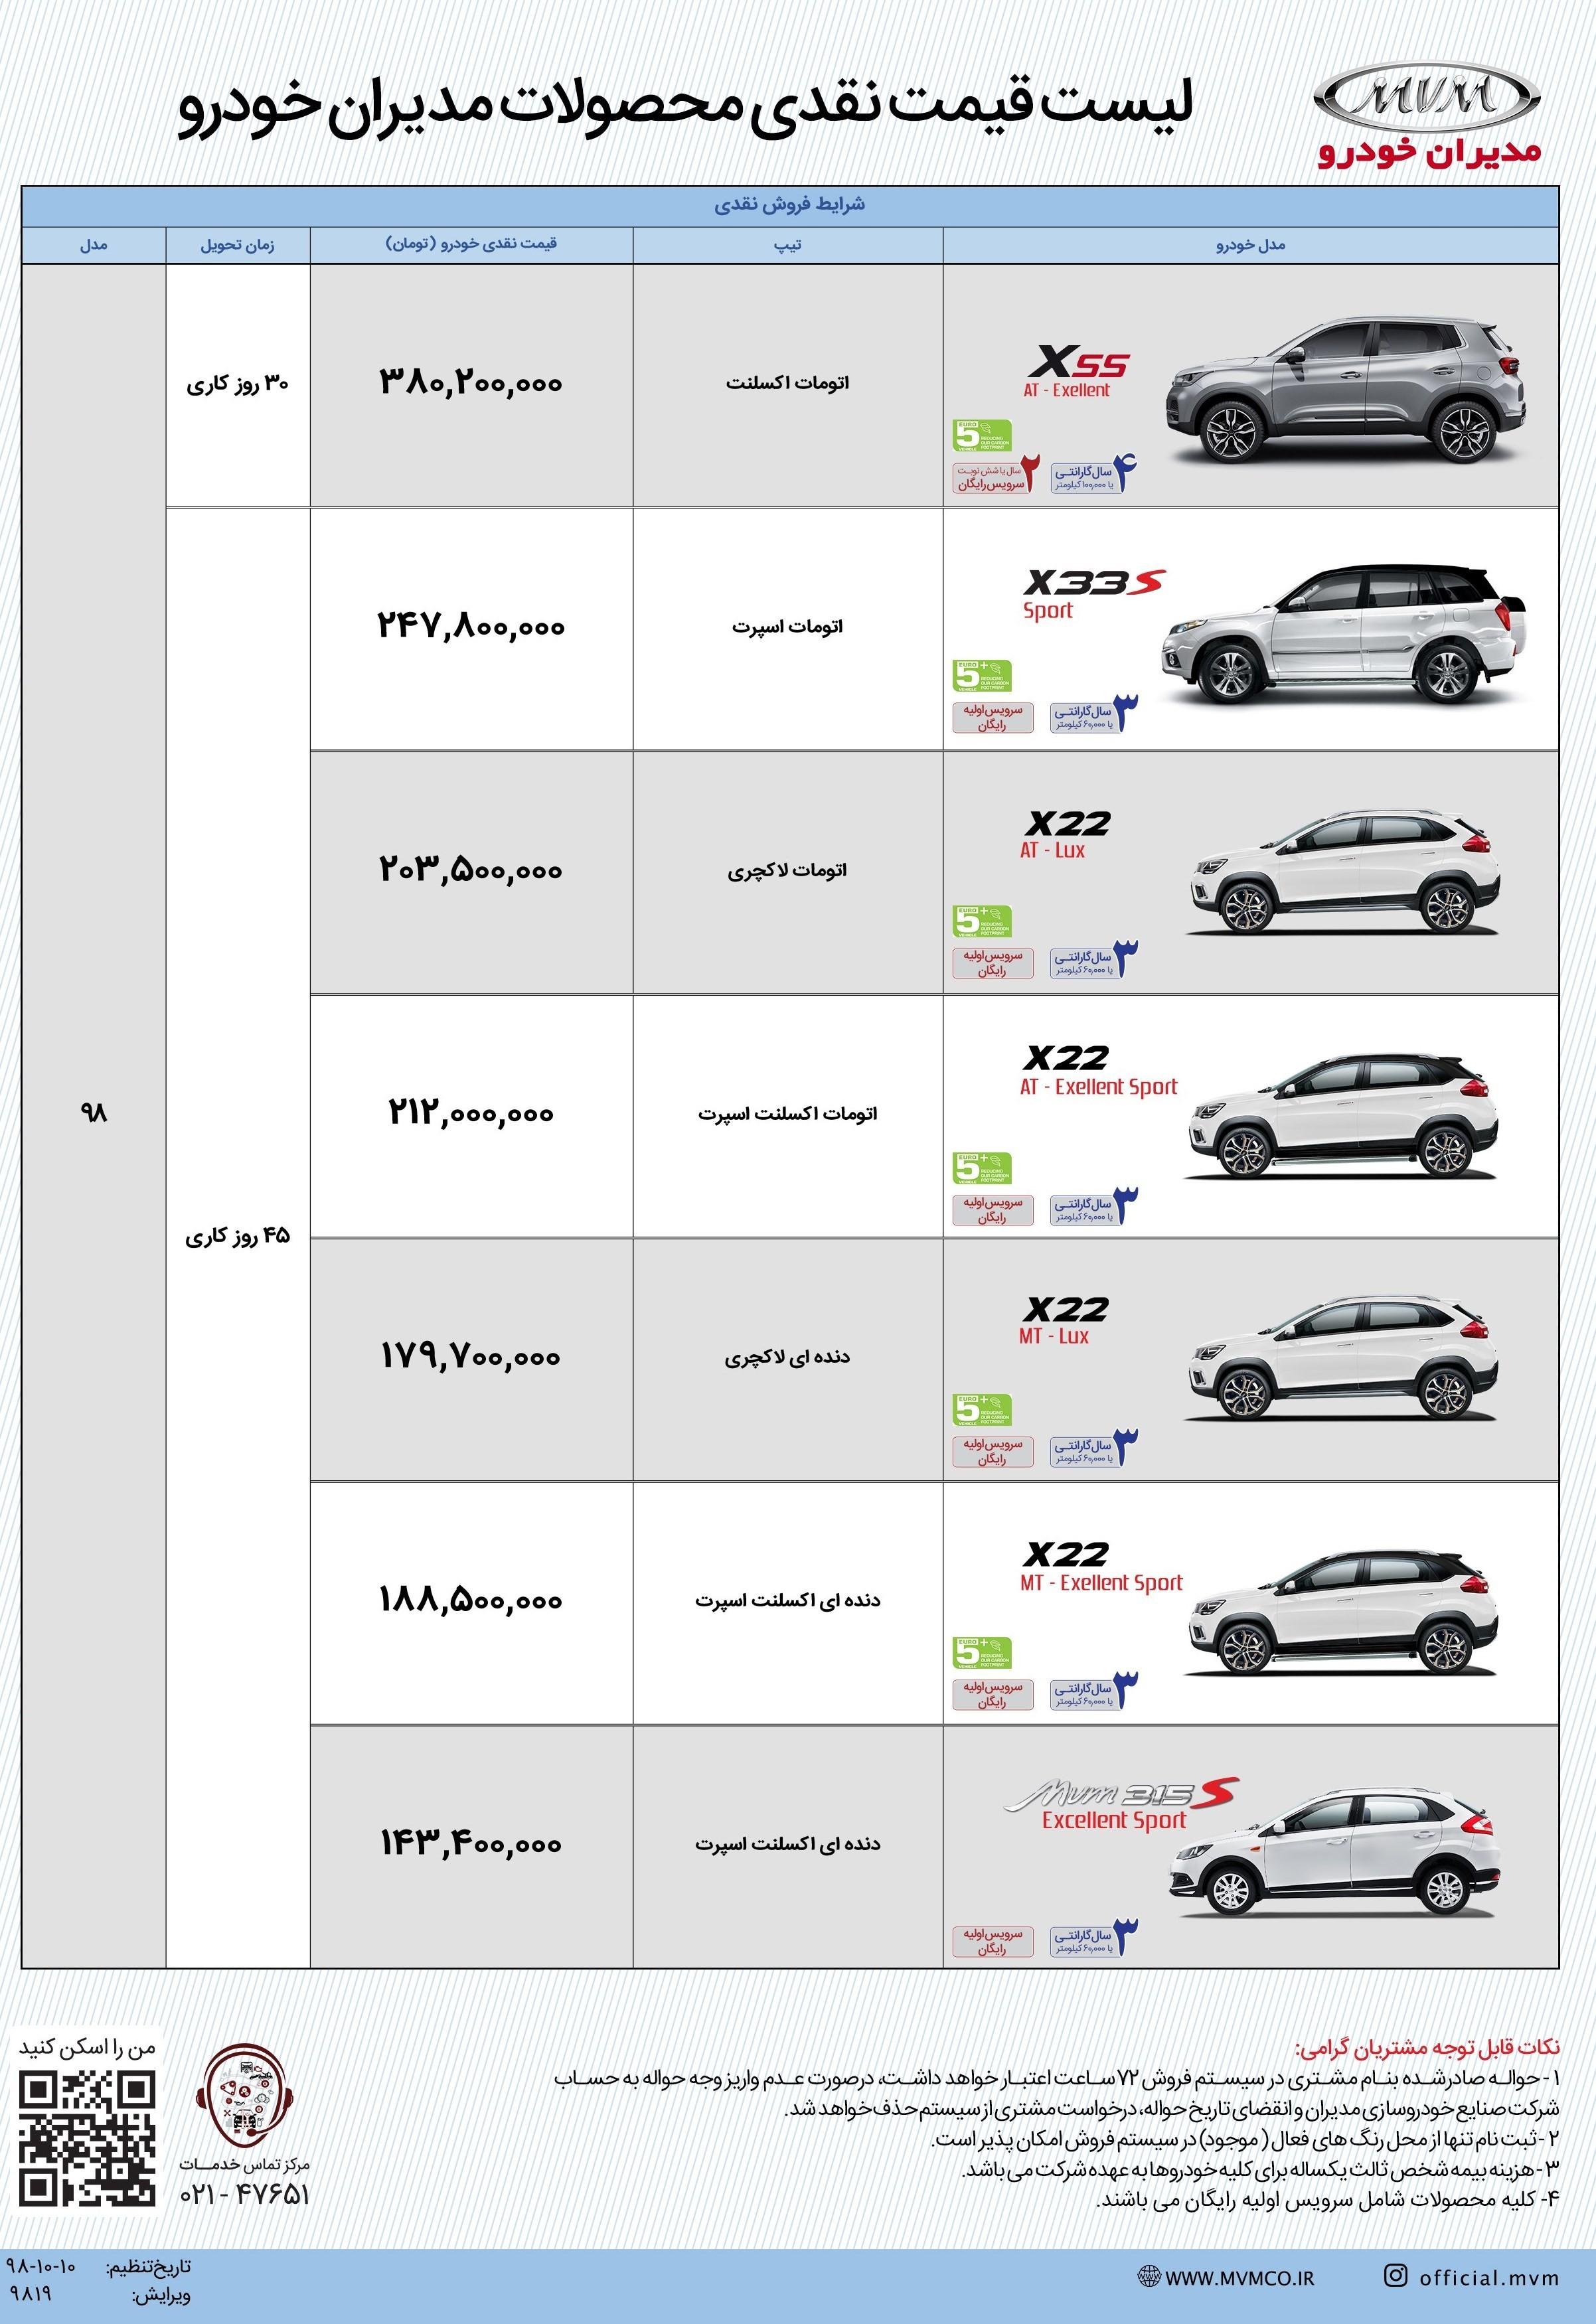 لیست فروش نقدی محصولات مدیران خودرو - بهمن 98.png